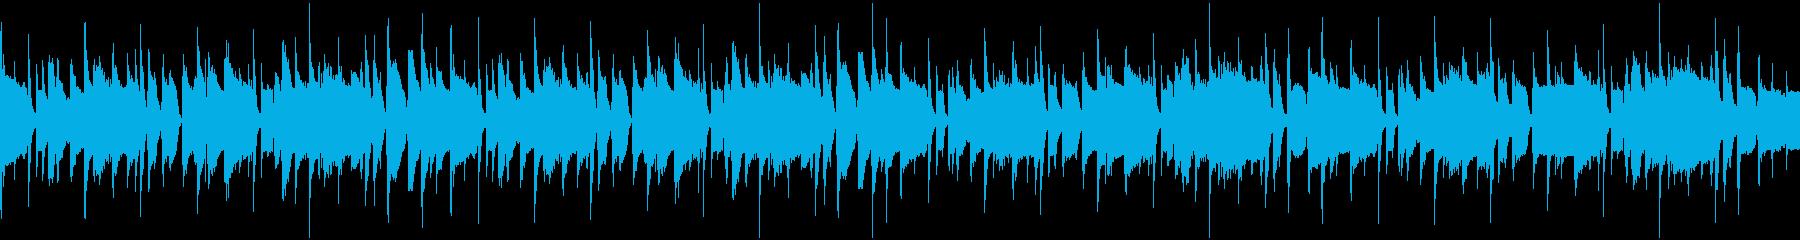 オシャレなピアノとチェレスタ響くループ曲の再生済みの波形